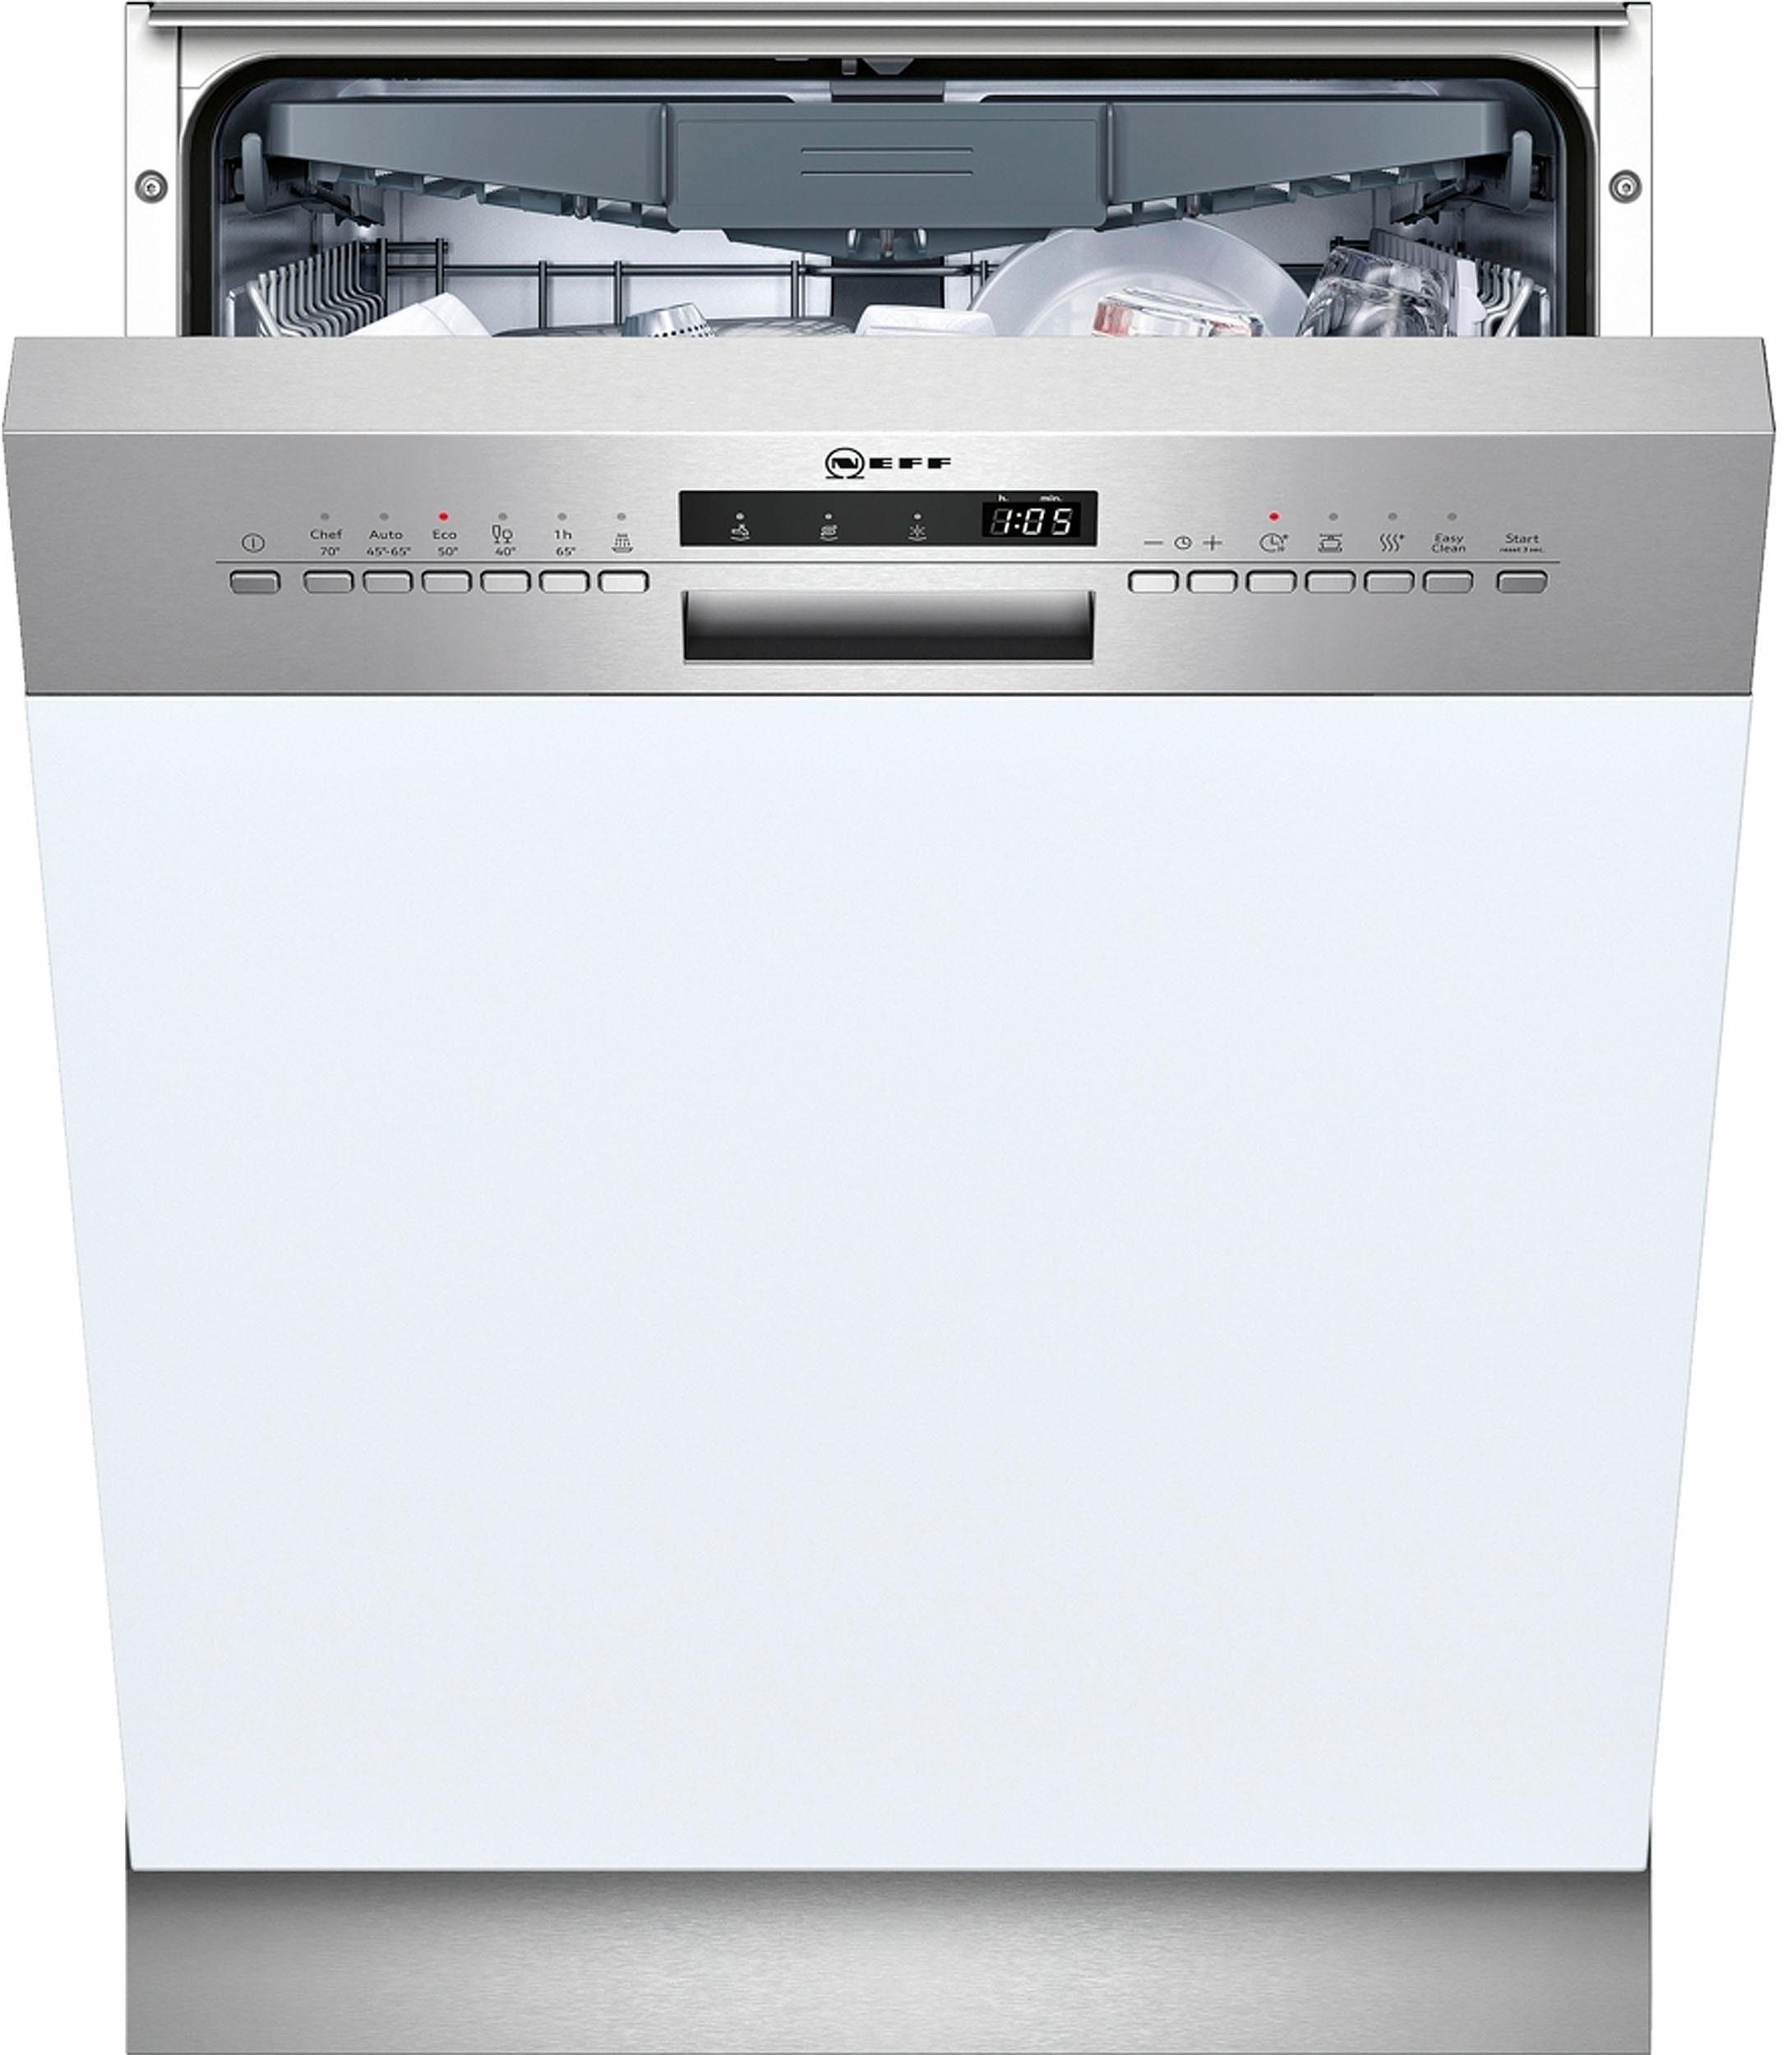 NEFF teilintegrierbarer Geschirrspüler, GI4603MN / S413M60S3E, 9,5 l, 14 Maßgedecke